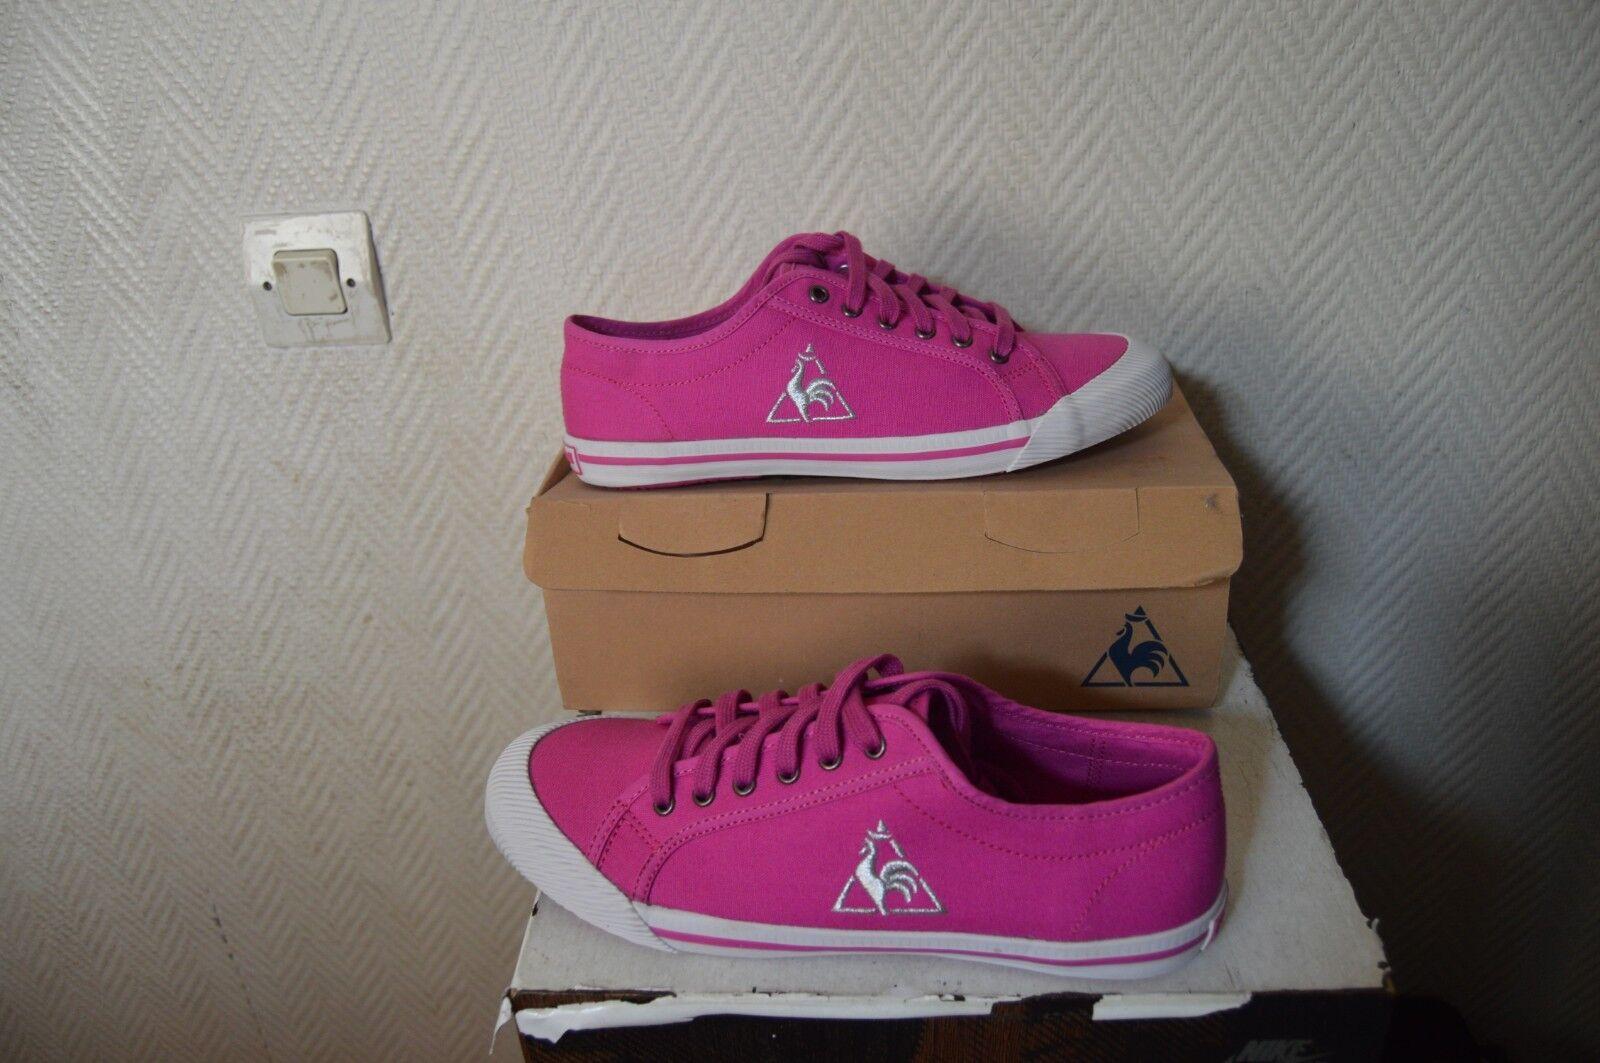 CHAUSSURE BASKET LE COQ SPORTIF DEAUVILLE size 37 SHOES shoes shoes NEUF